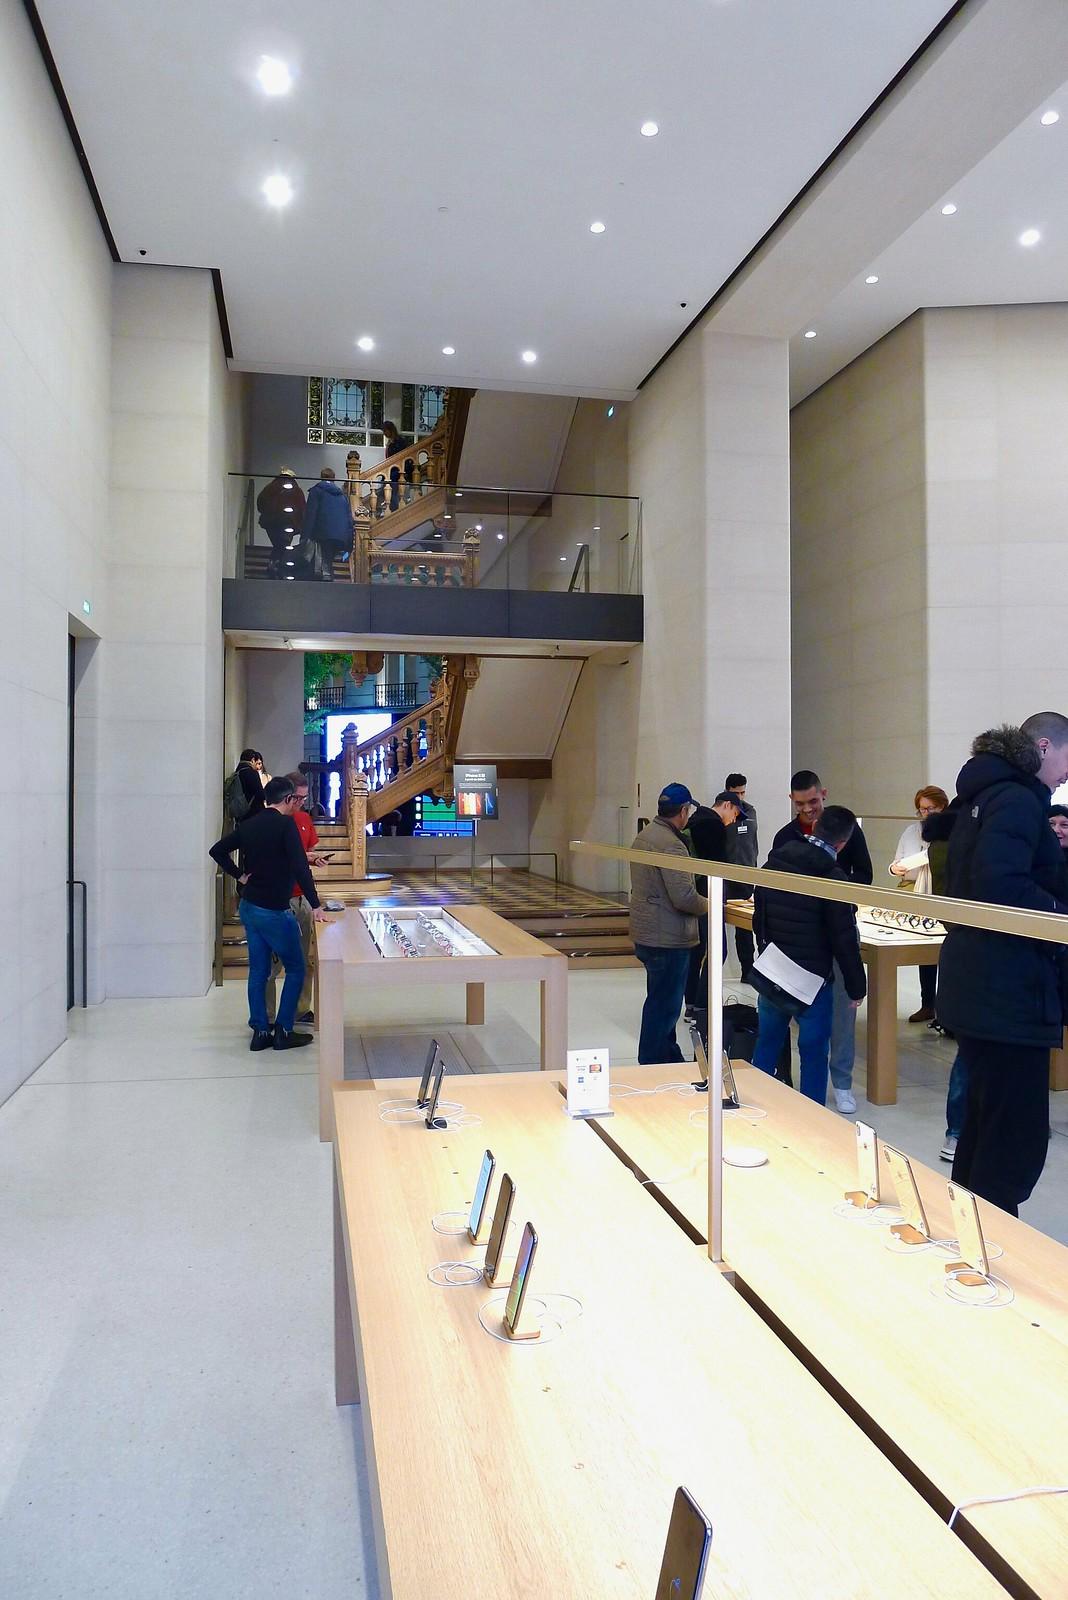 Apple Store Champs-Élysées, Paris